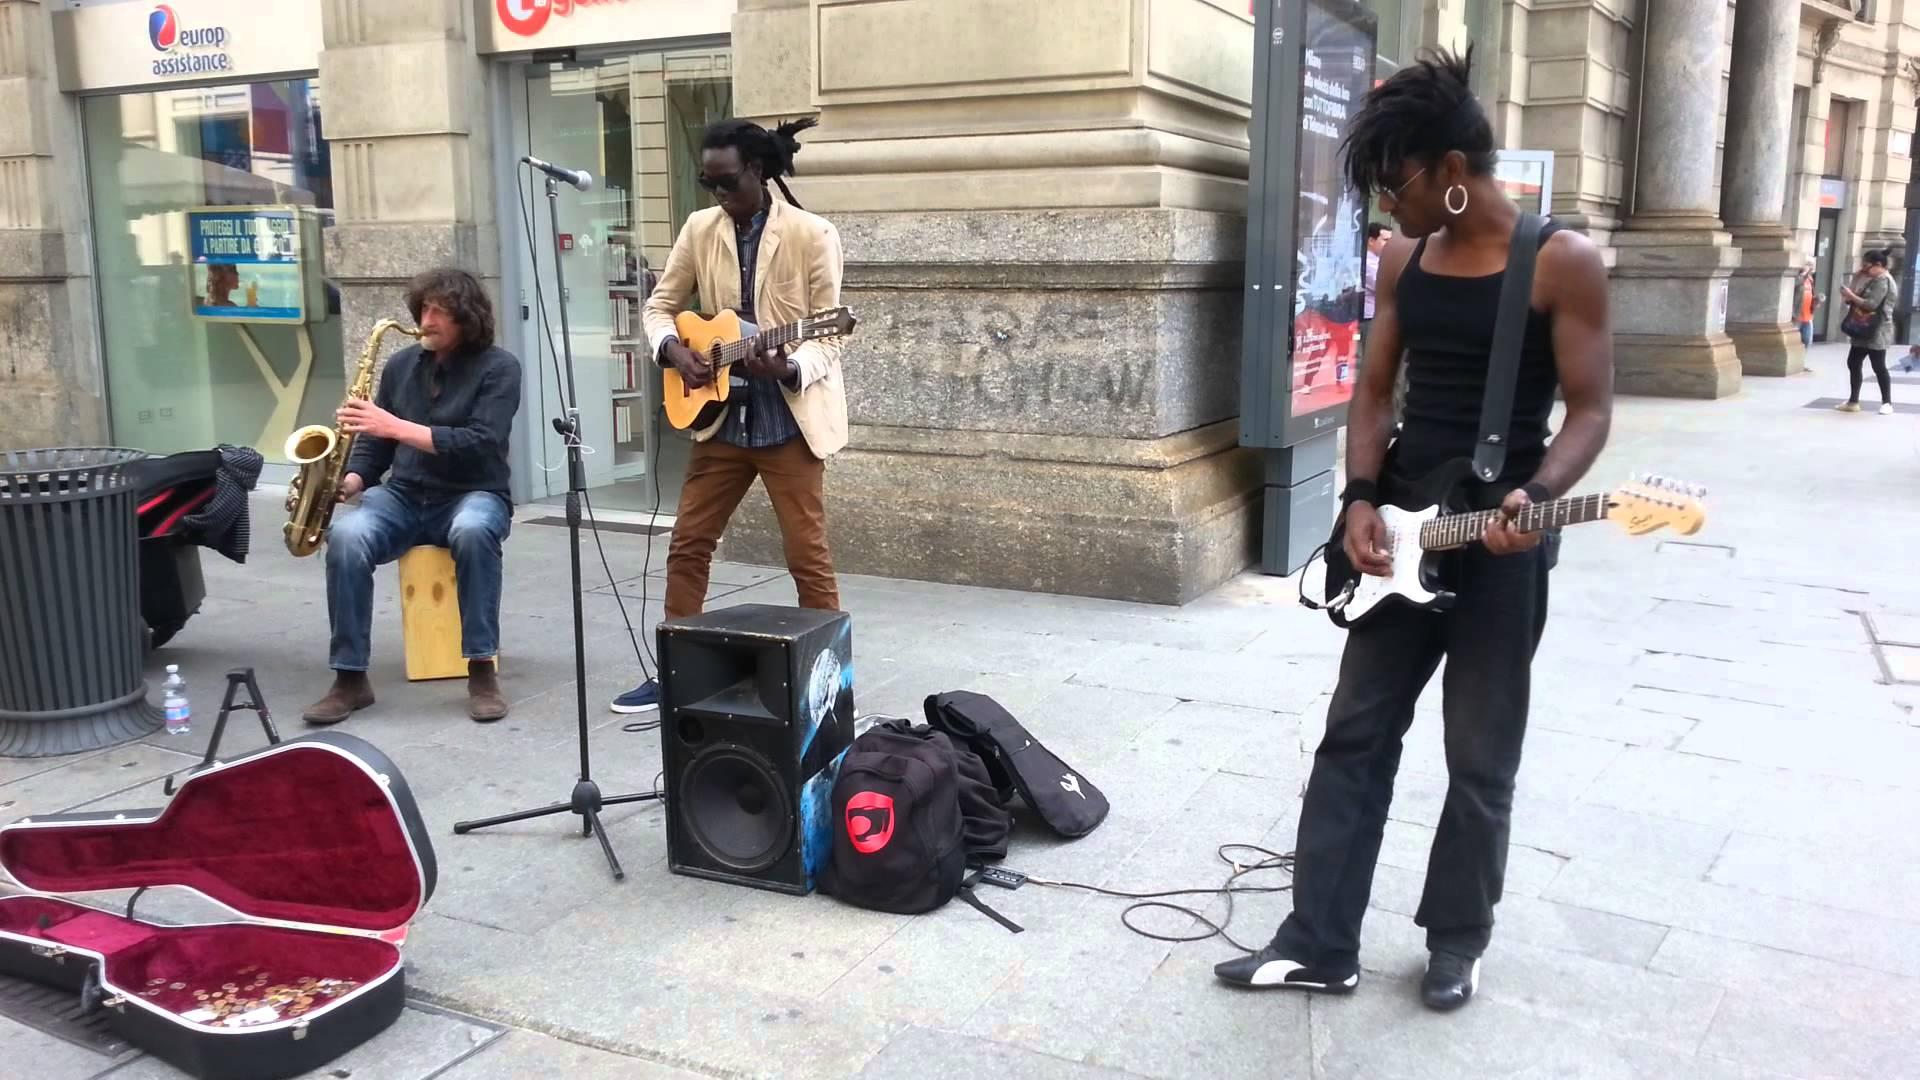 Sri lankan guy playing guitar in milan street - YouTube